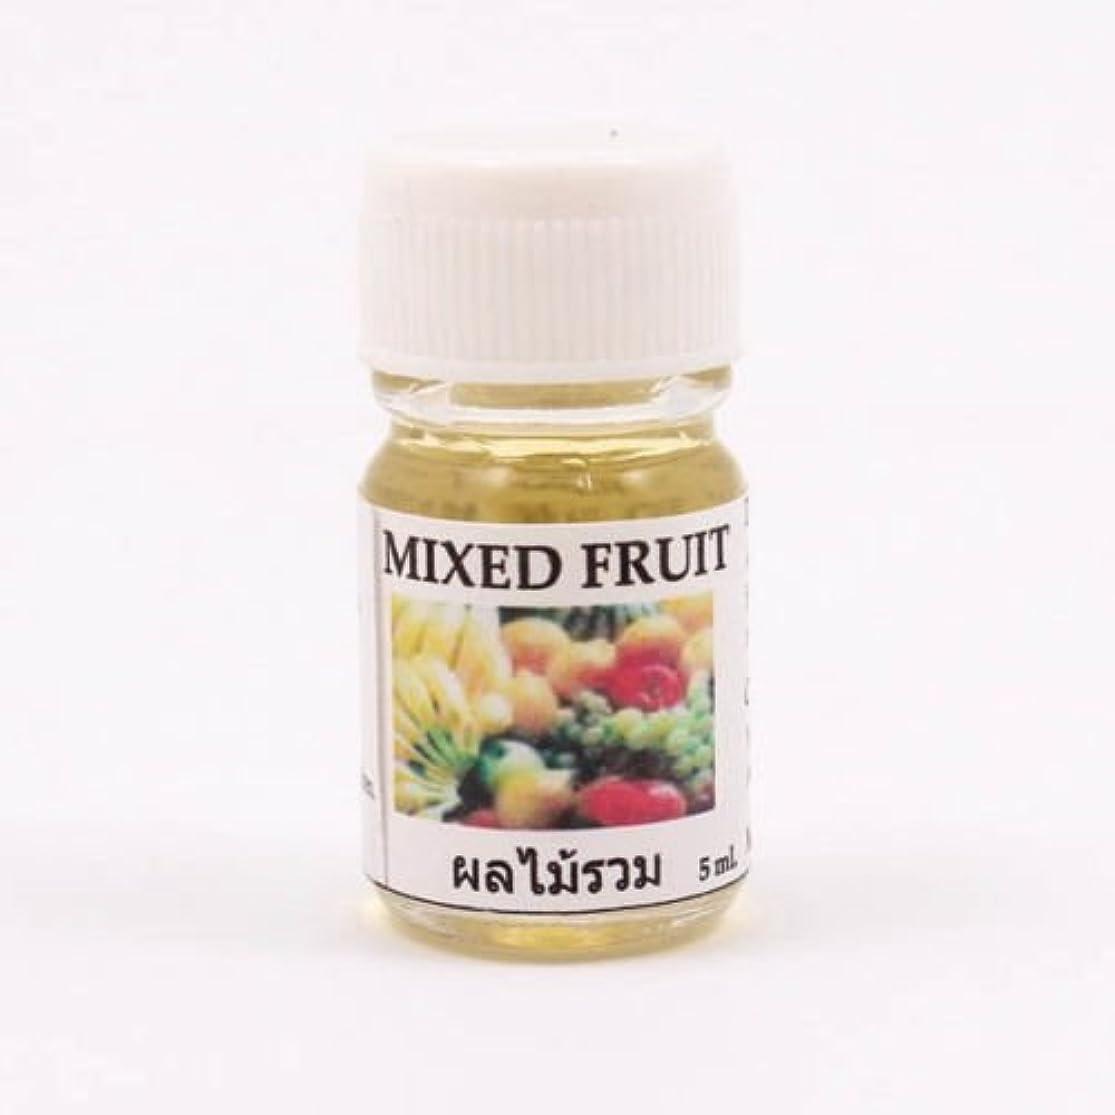 予言するプロフェッショナル引き受ける6X Mixed Fruit Aroma Fragrance Essential Oil 5ML Diffuser Burner Therapy